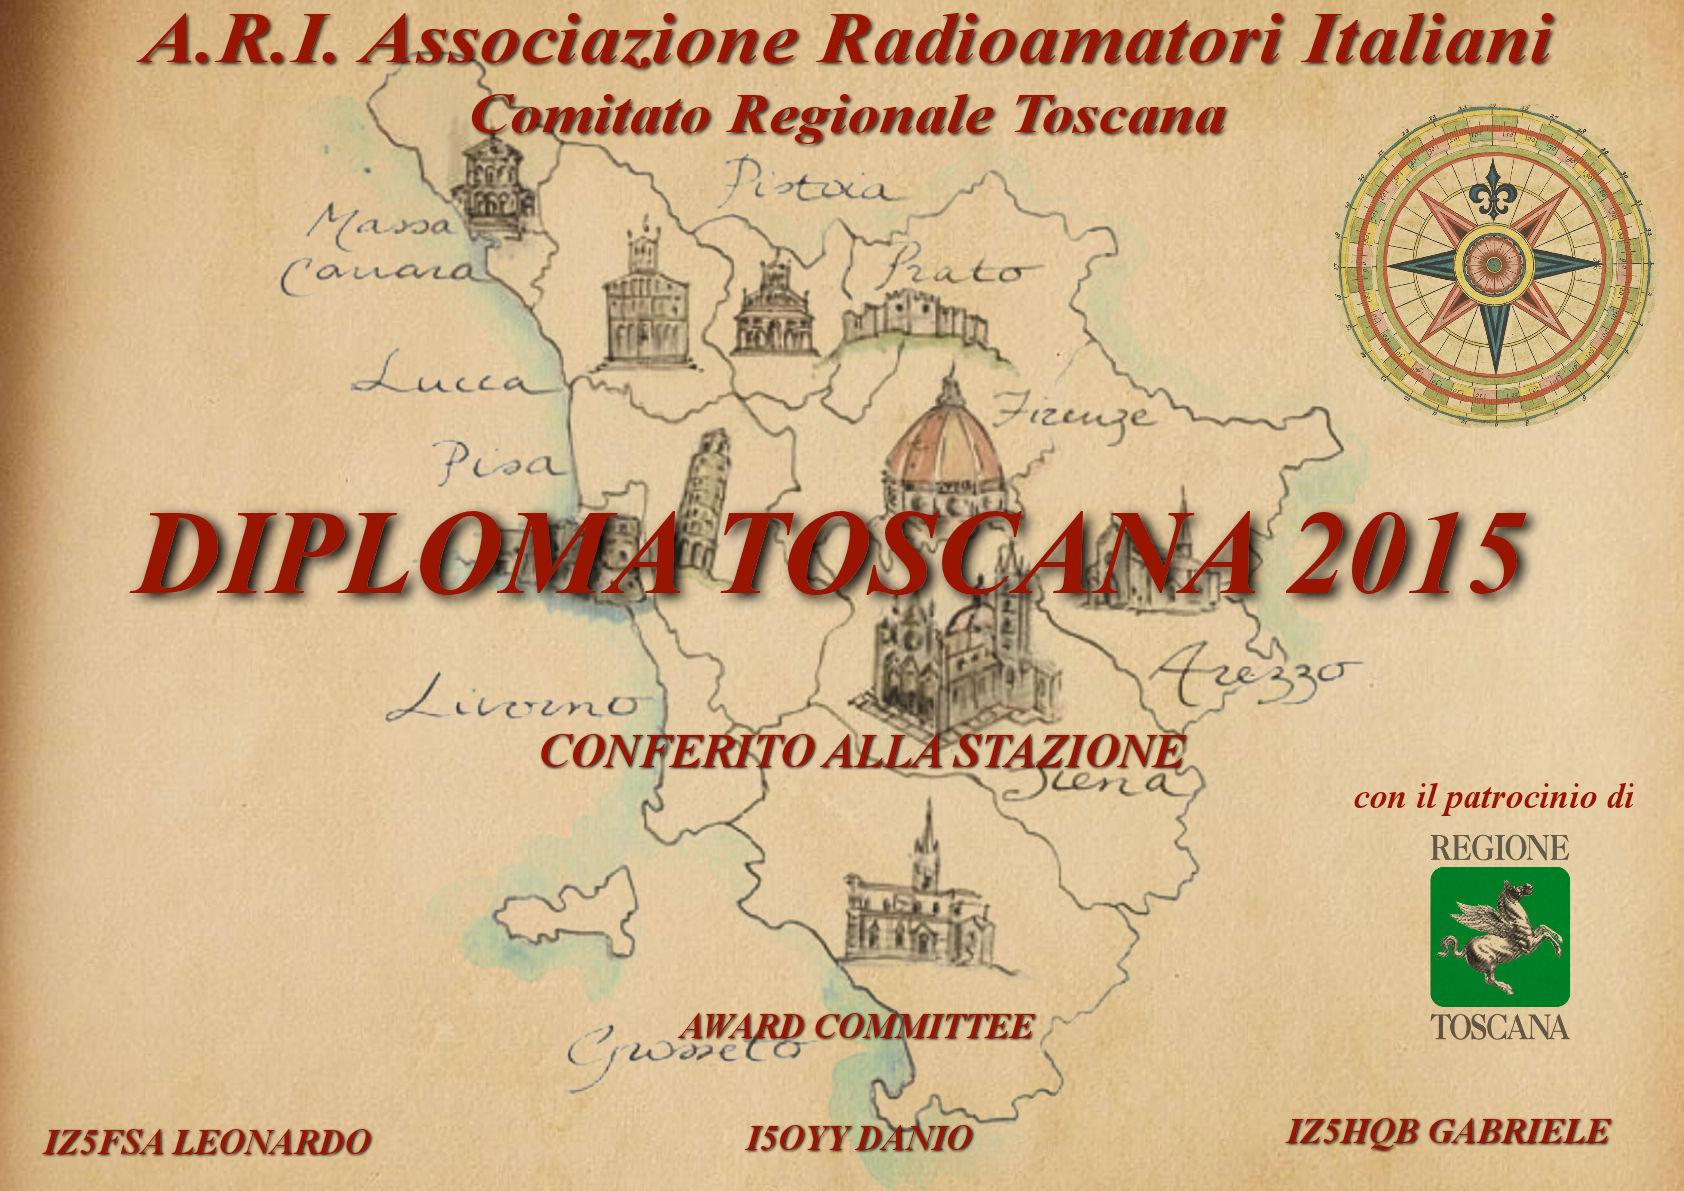 diploma_toscana_2015